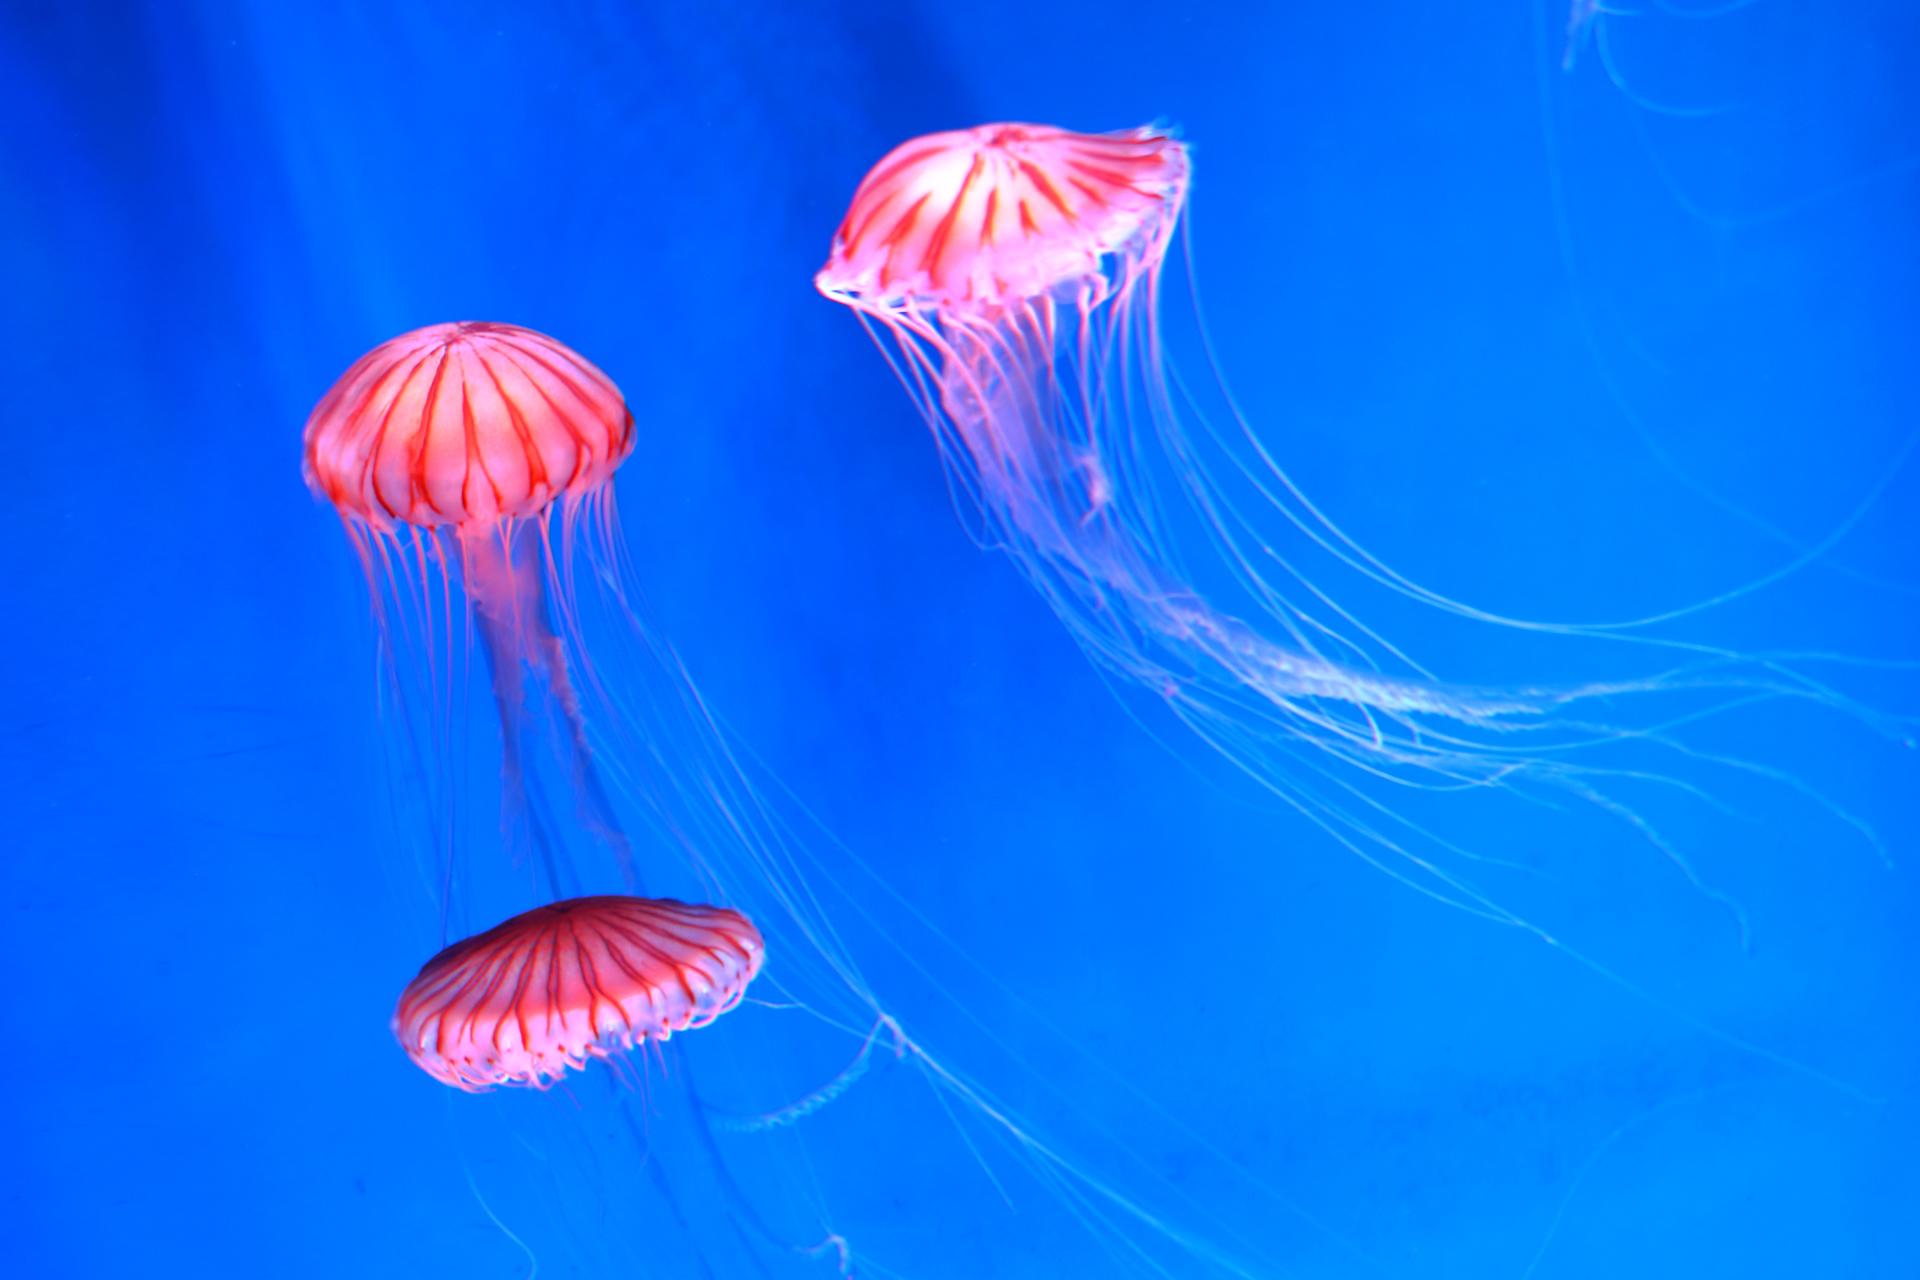 アカクラゲ(放射状の褐色の縞模様が16本走った直径9-15cmほどの傘と、各8分画から5-7本ずつ、合計で40-56本伸びる長さ2m以上の触手)